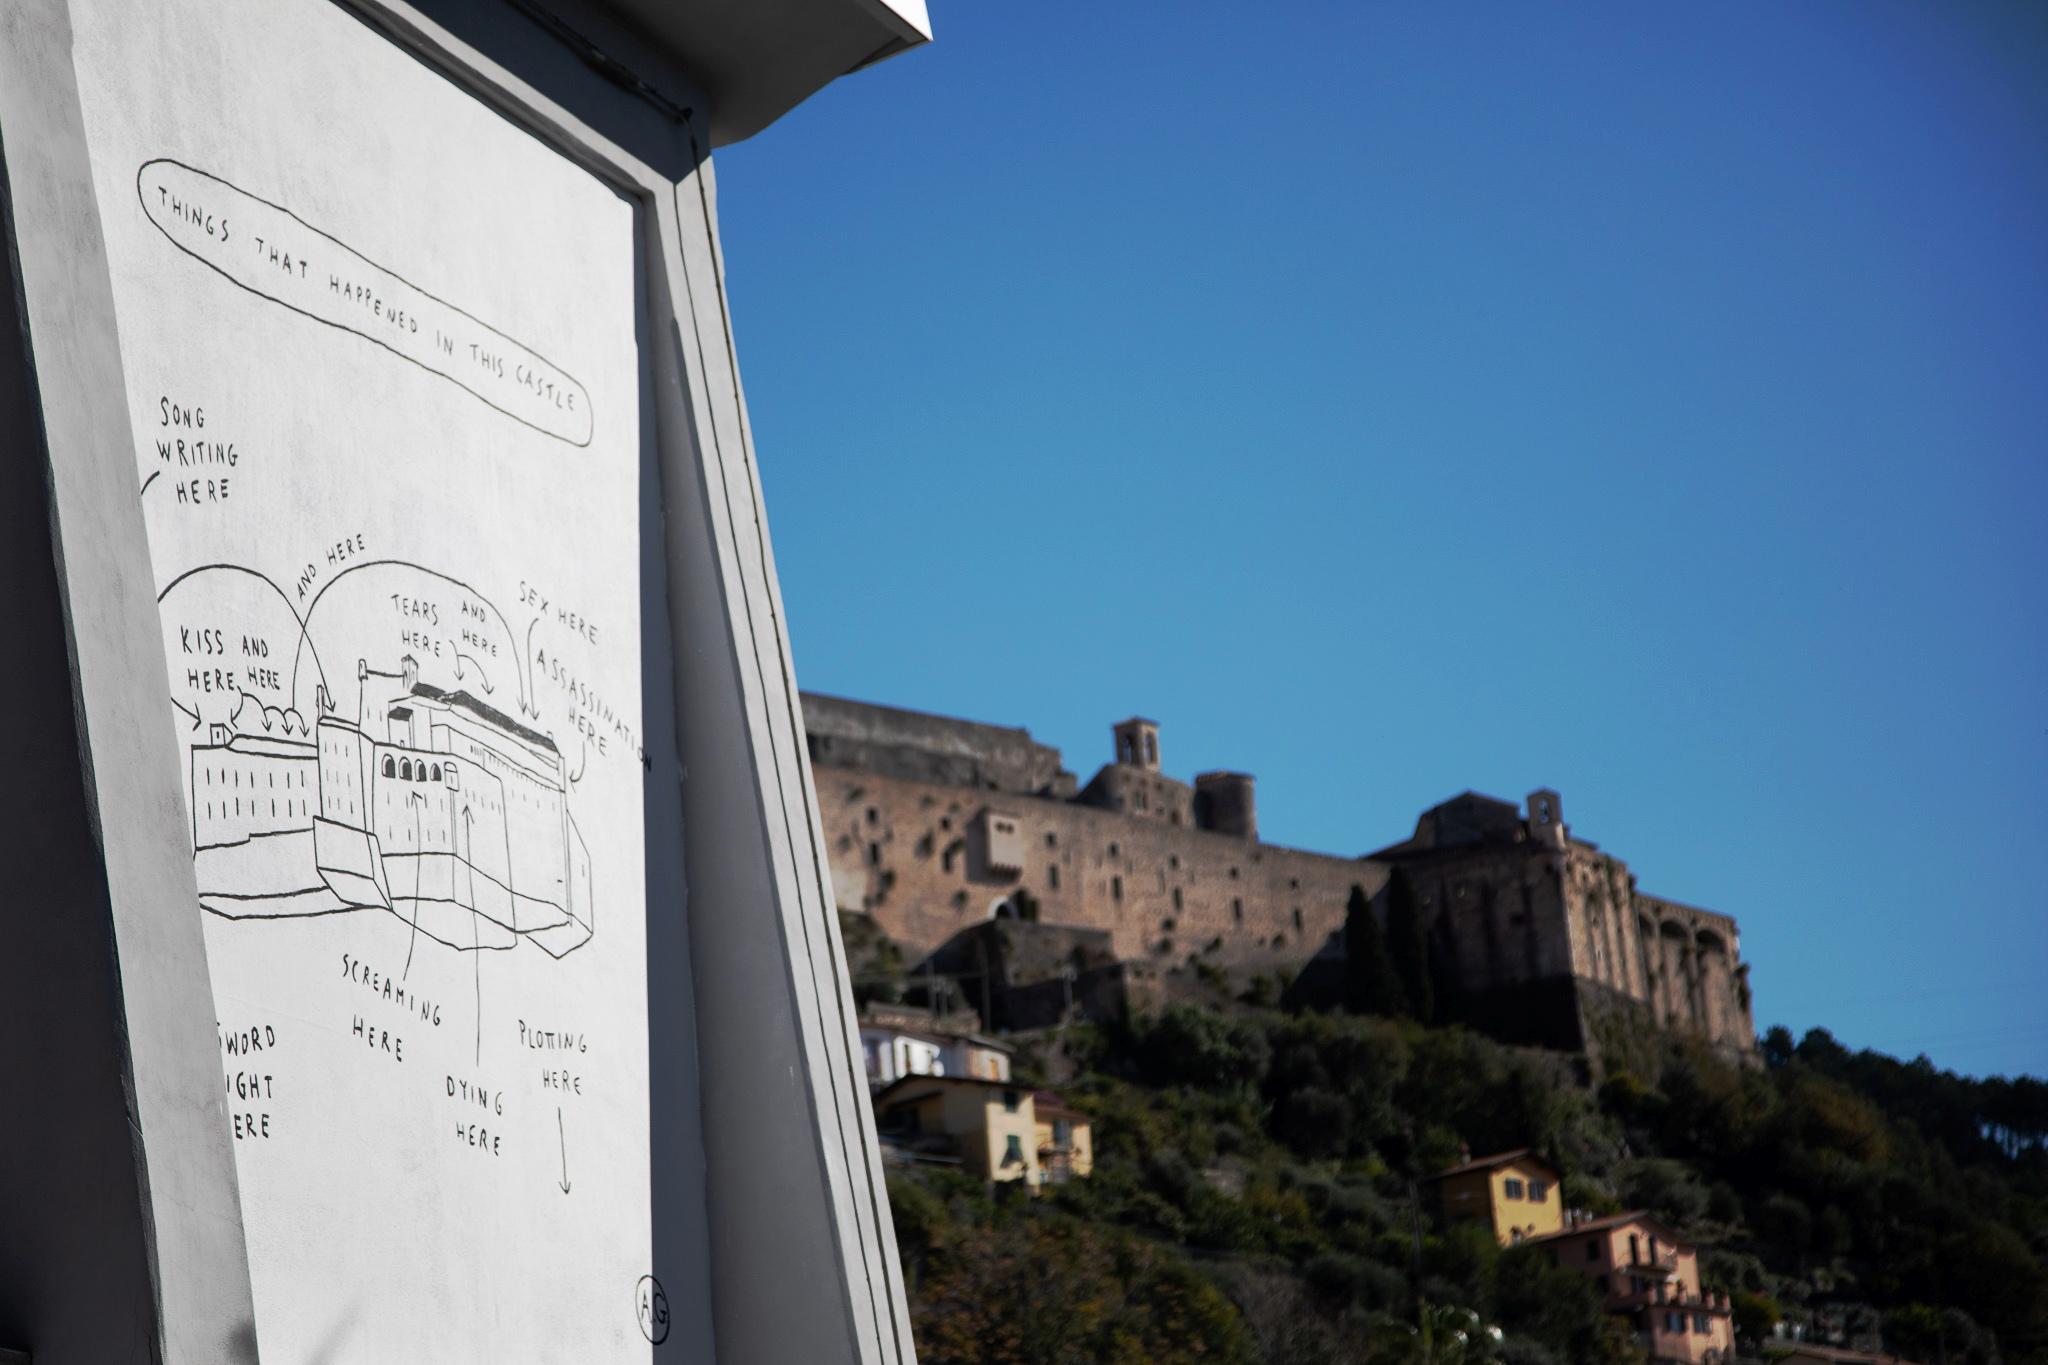 La street art che dialoga coi monumenti antichi. I murales di Aldo Giannotti a Massa